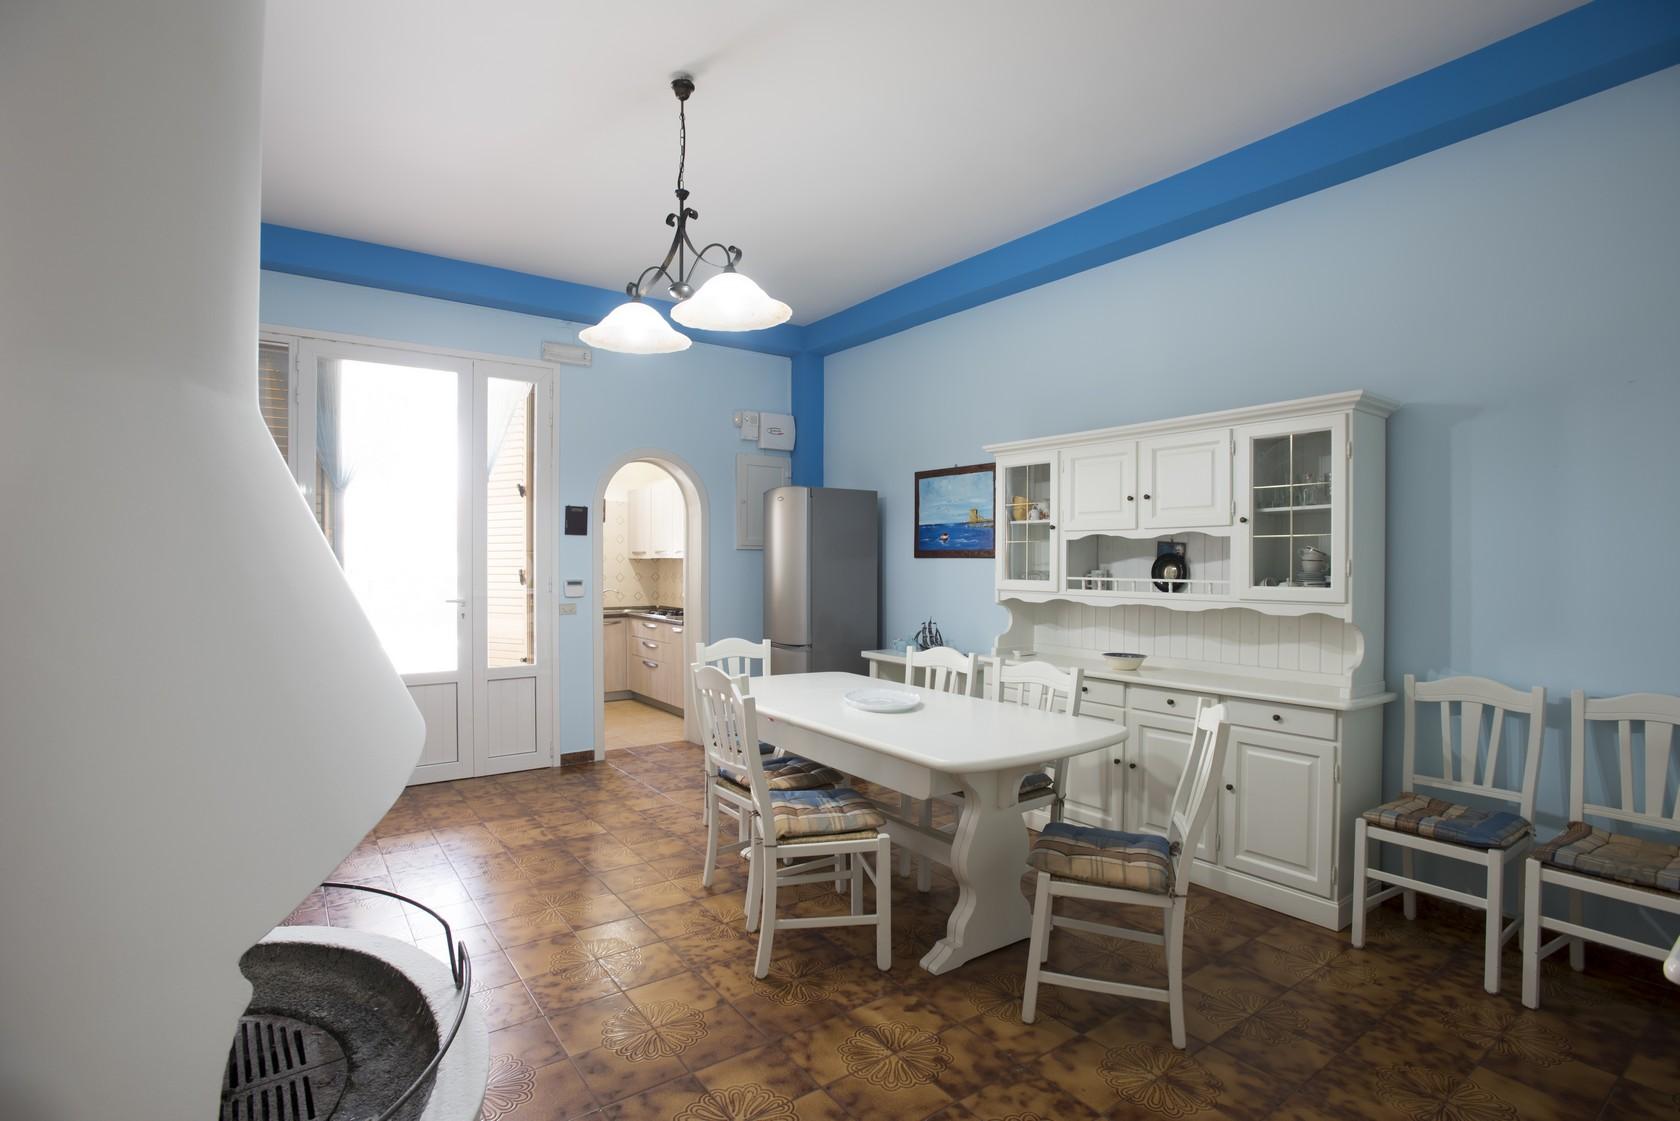 Ferienhaus Villa Desiderio, villa on the beach (2354061), Porto Cesareo, Lecce, Apulien, Italien, Bild 19